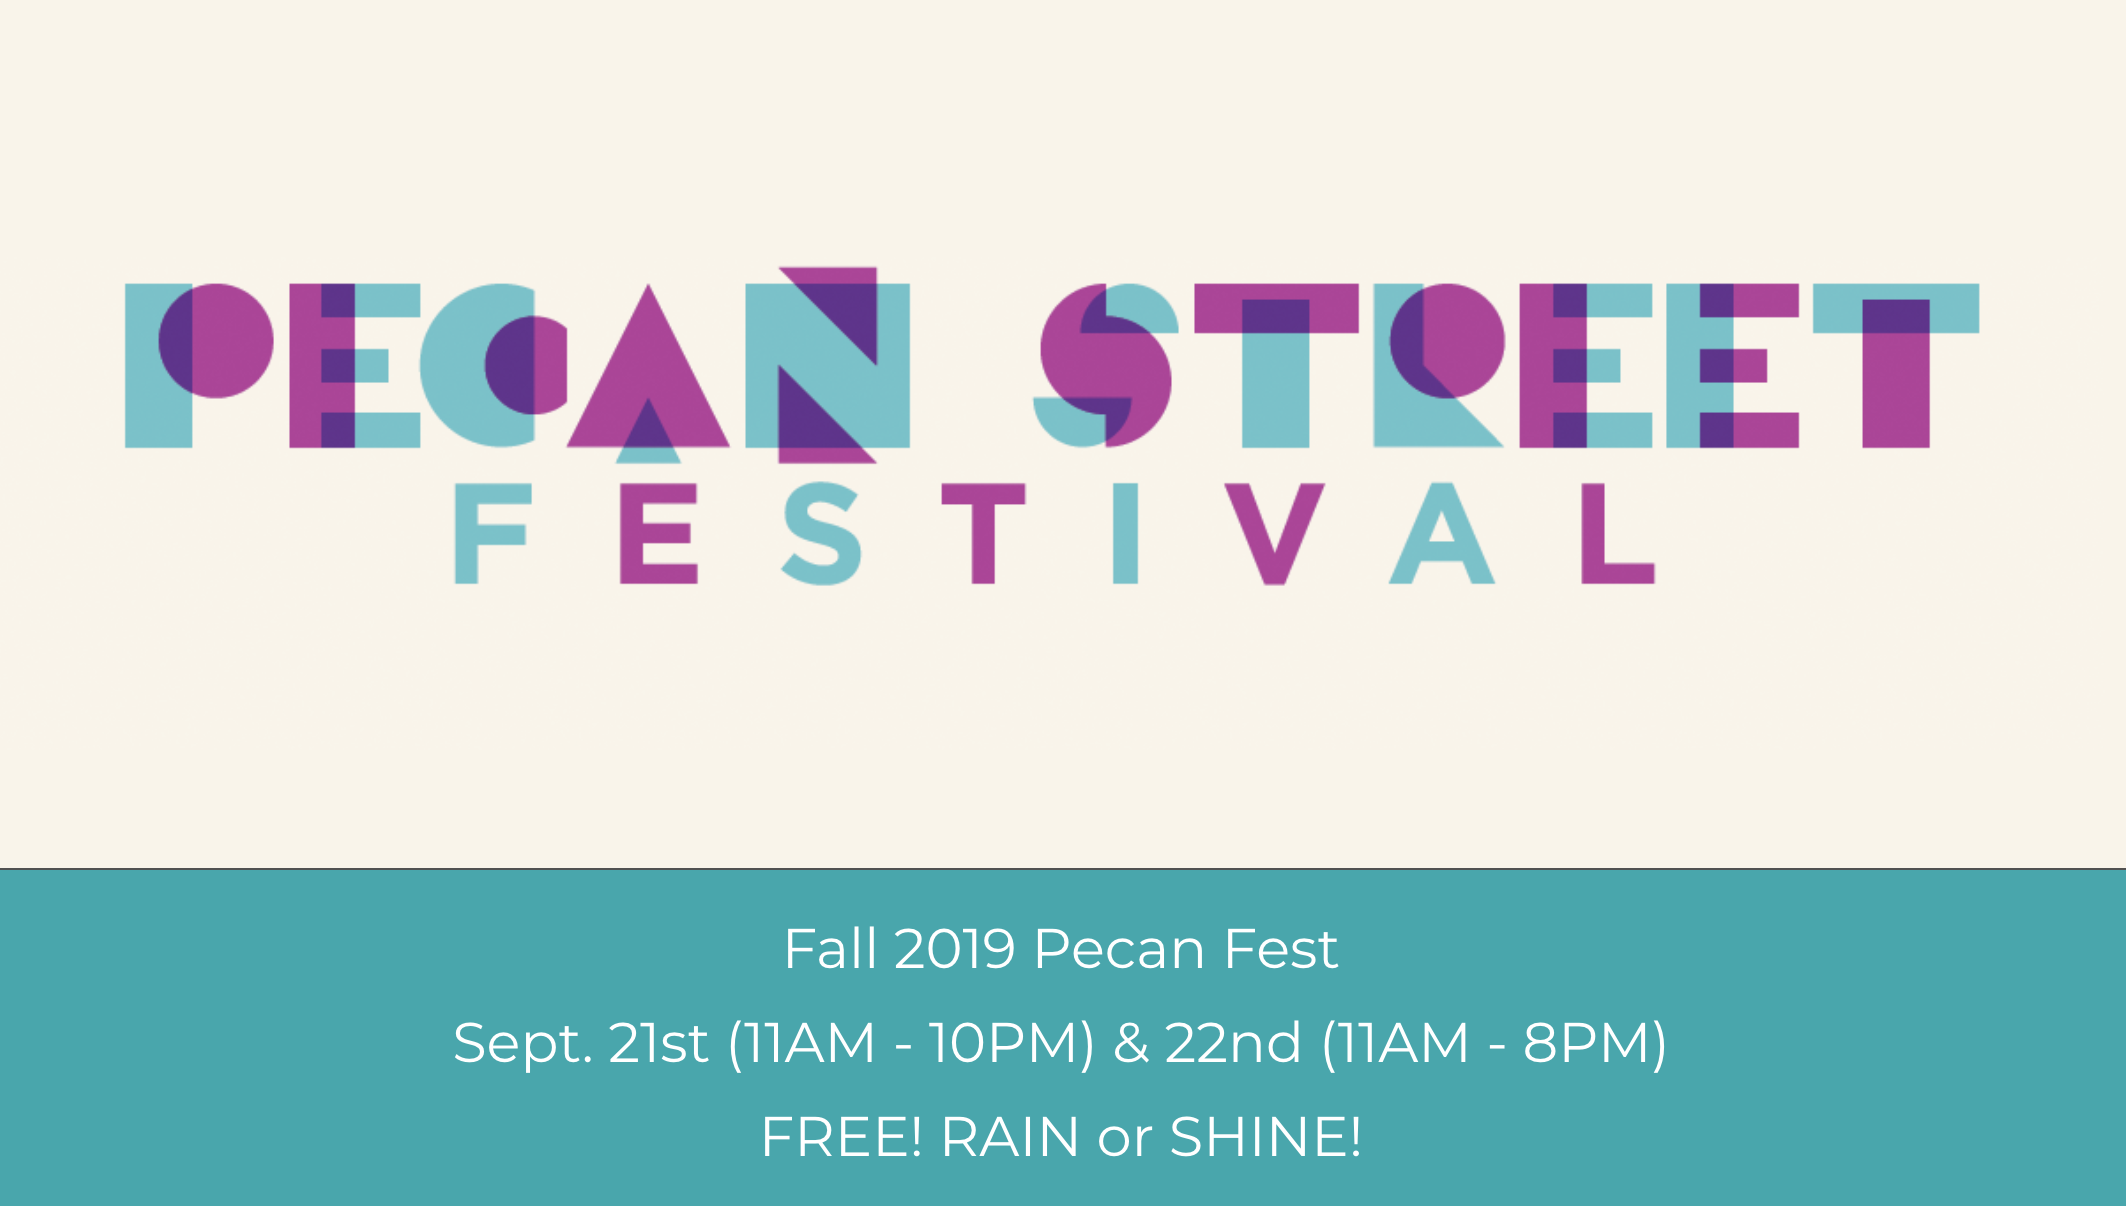 Austin's biggest street festival